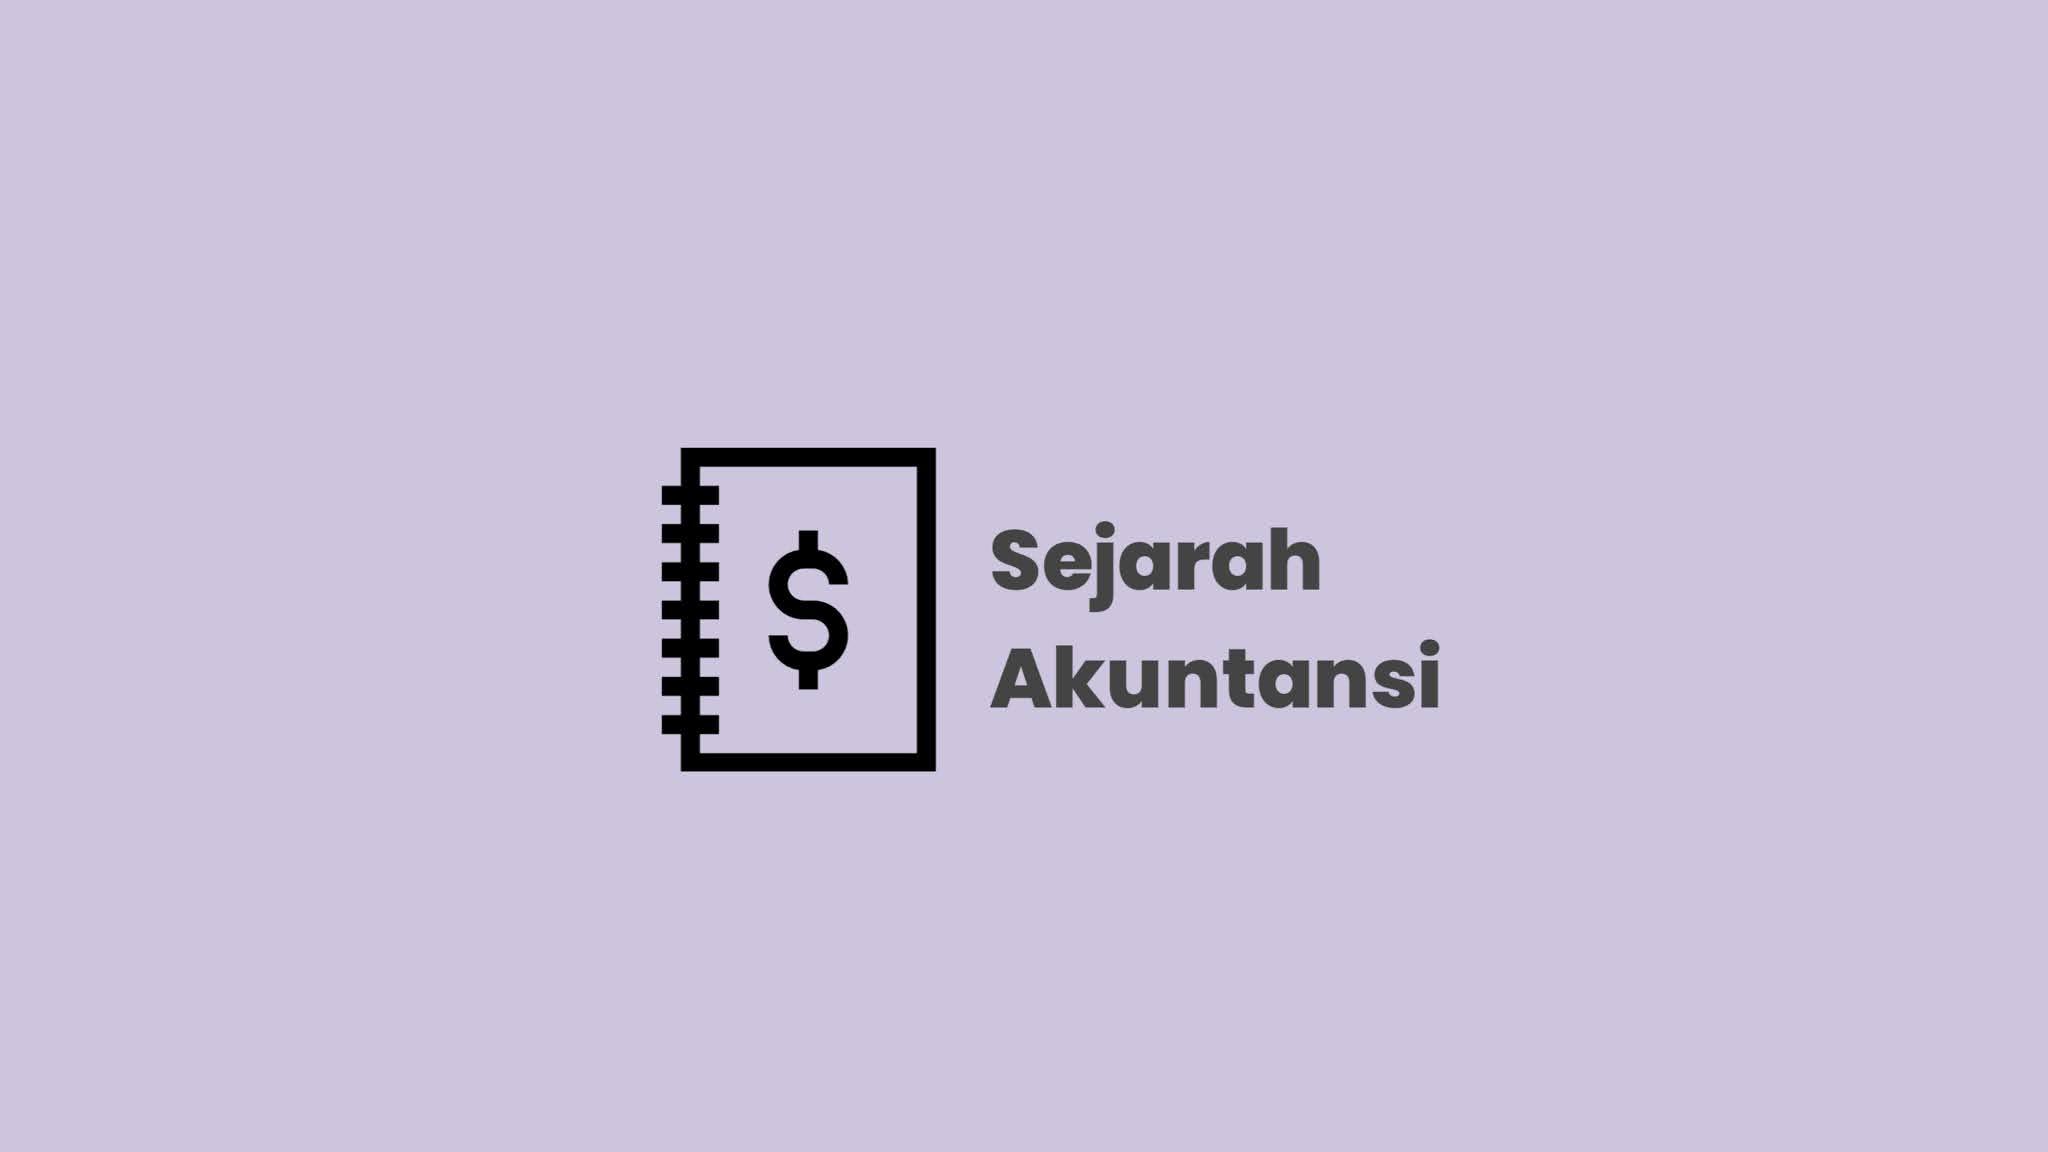 Sejarah akuntansi di dunia dan indonesia paling lengkap